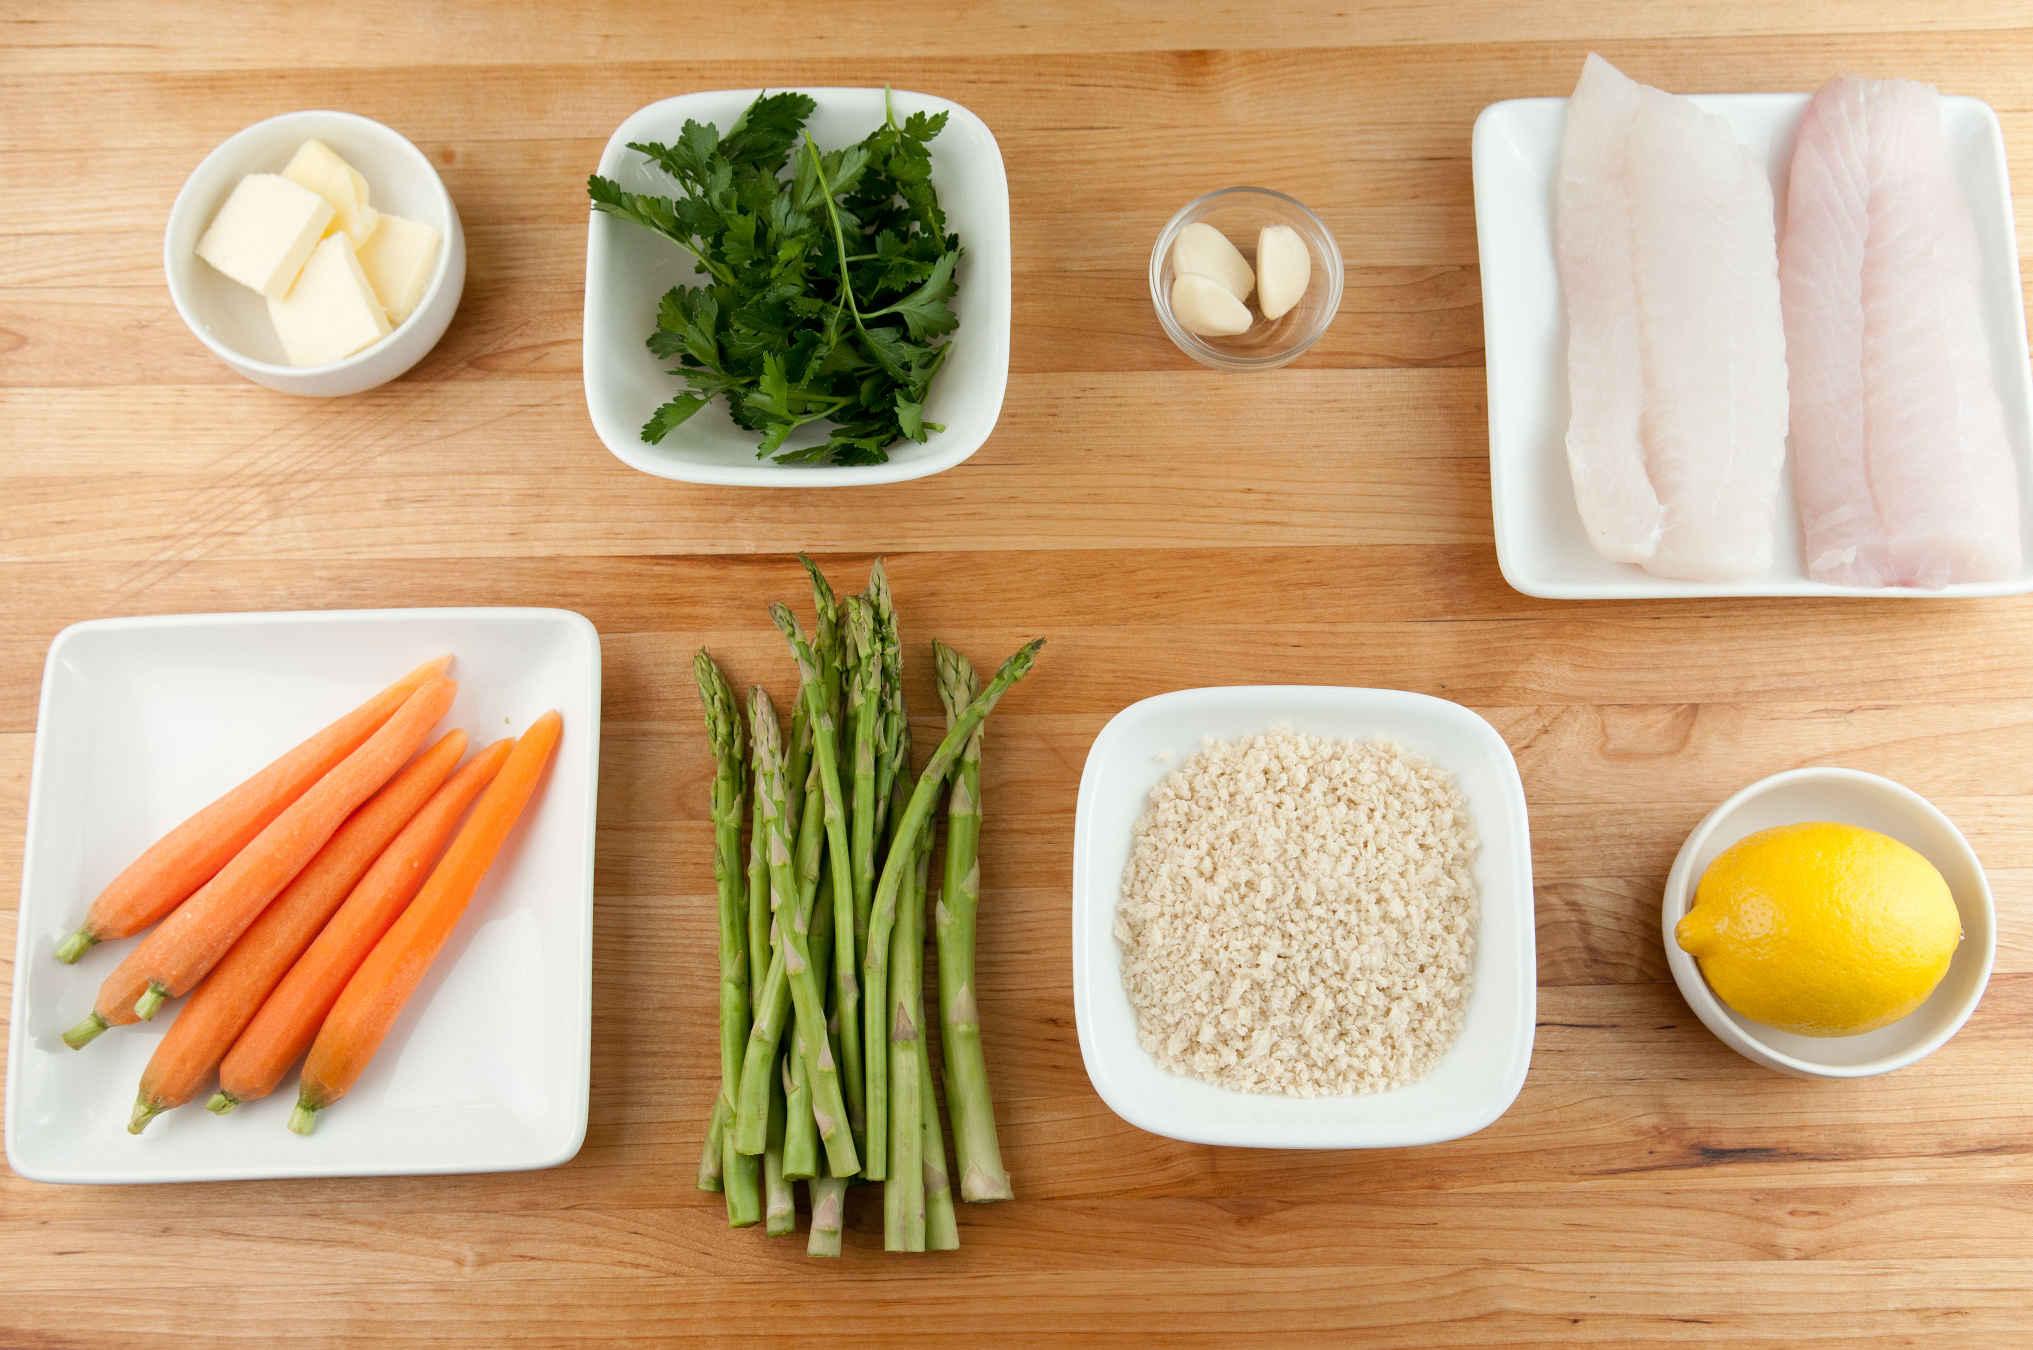 Panko cod ingredients